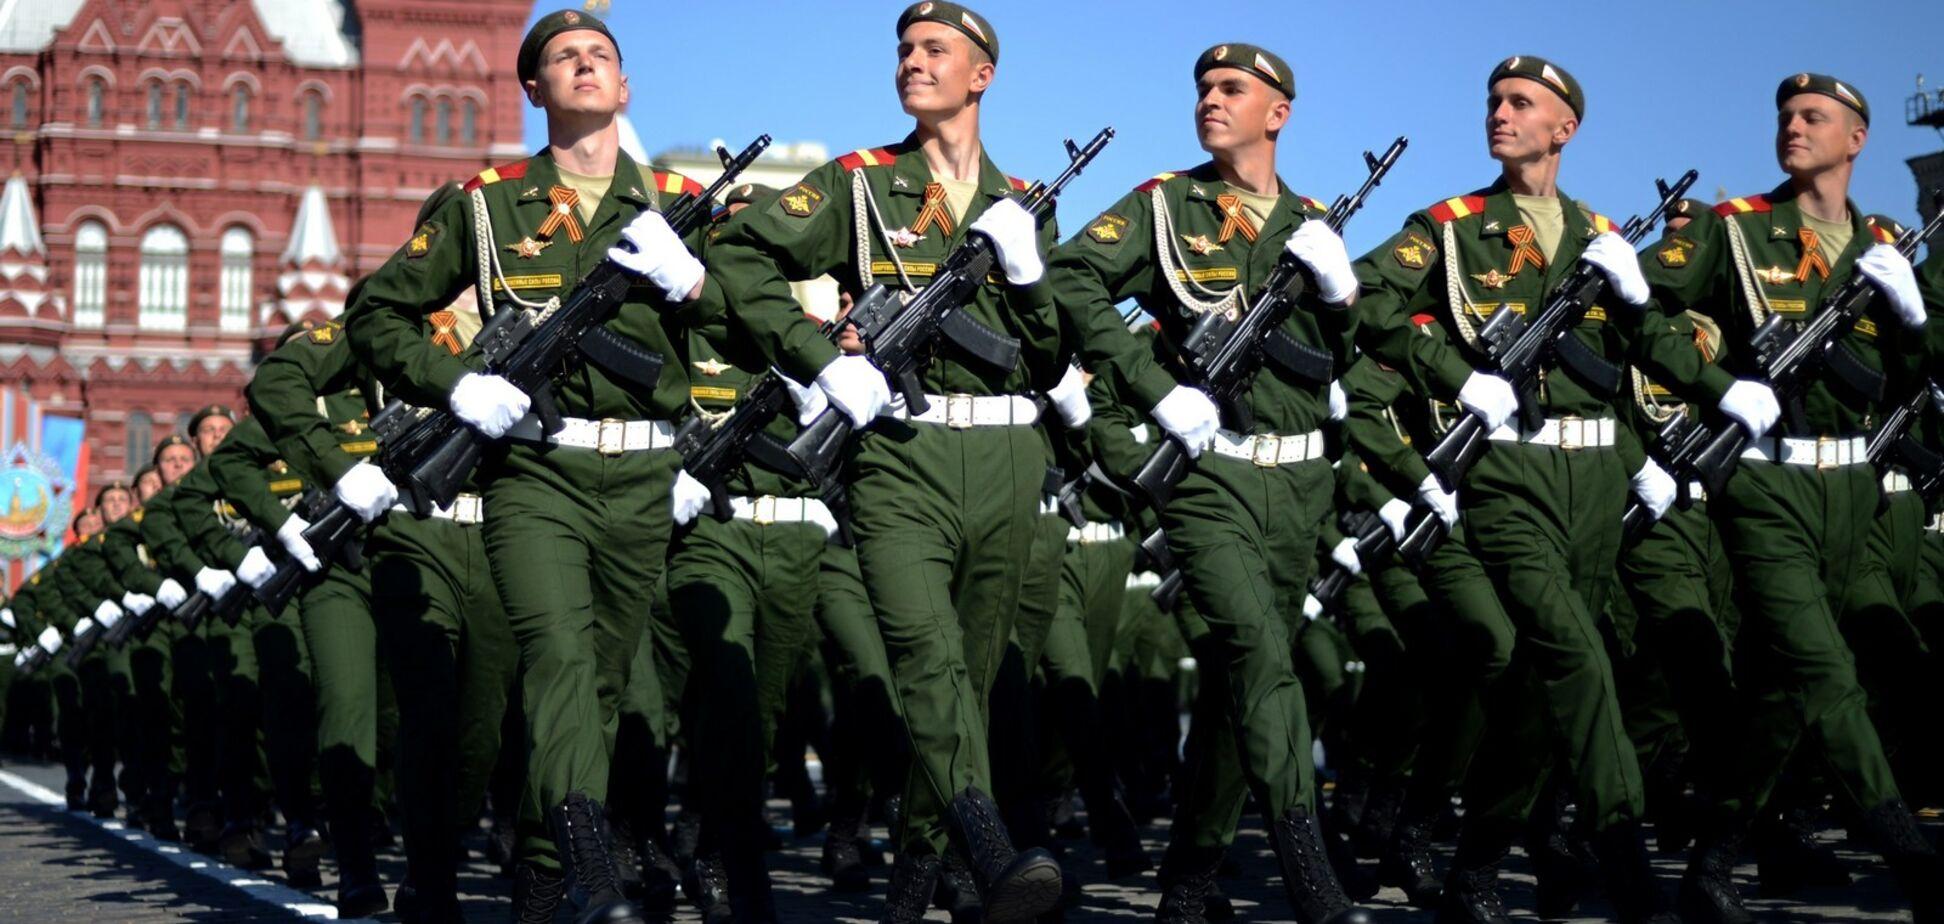 Путин сделал то, что должна была сделать Украина: генерал выступил с заявлением